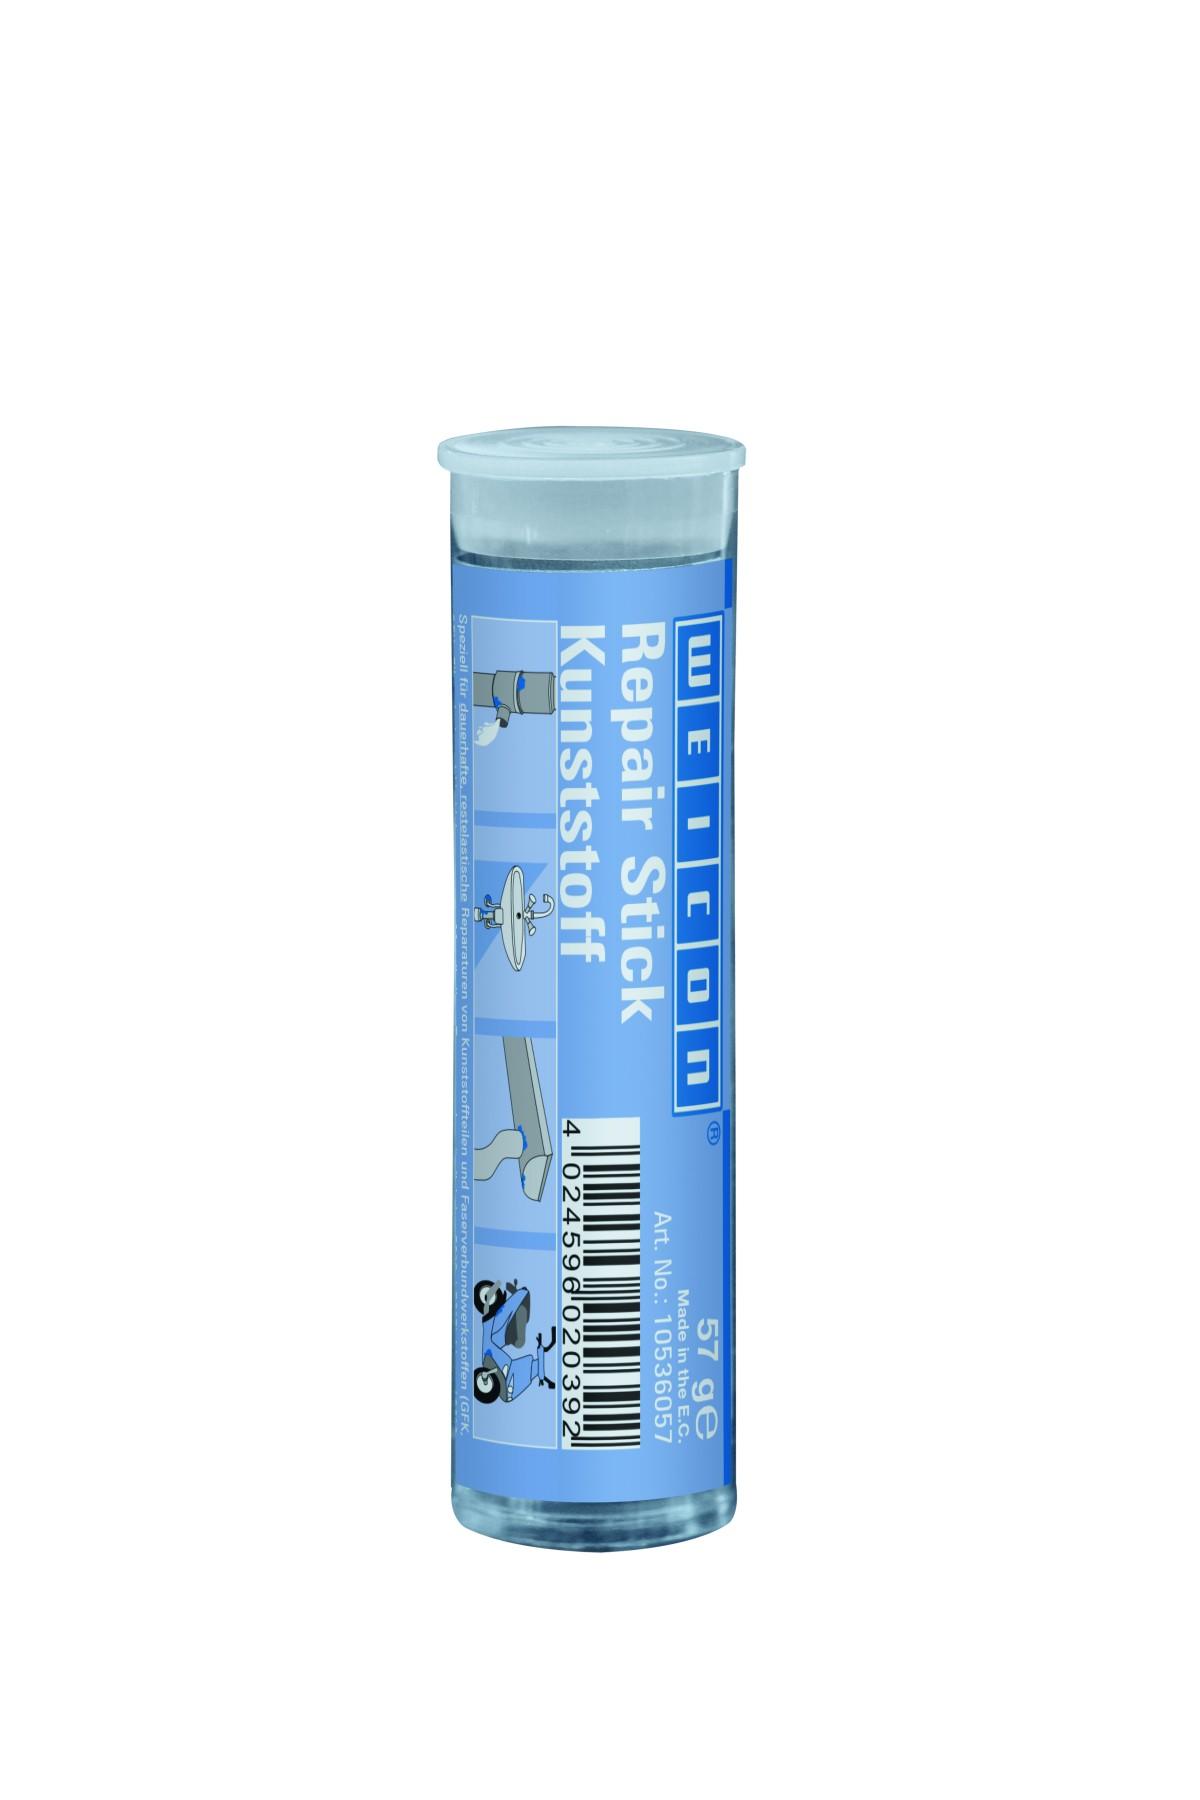 WEICON Repair Stick Plastic -